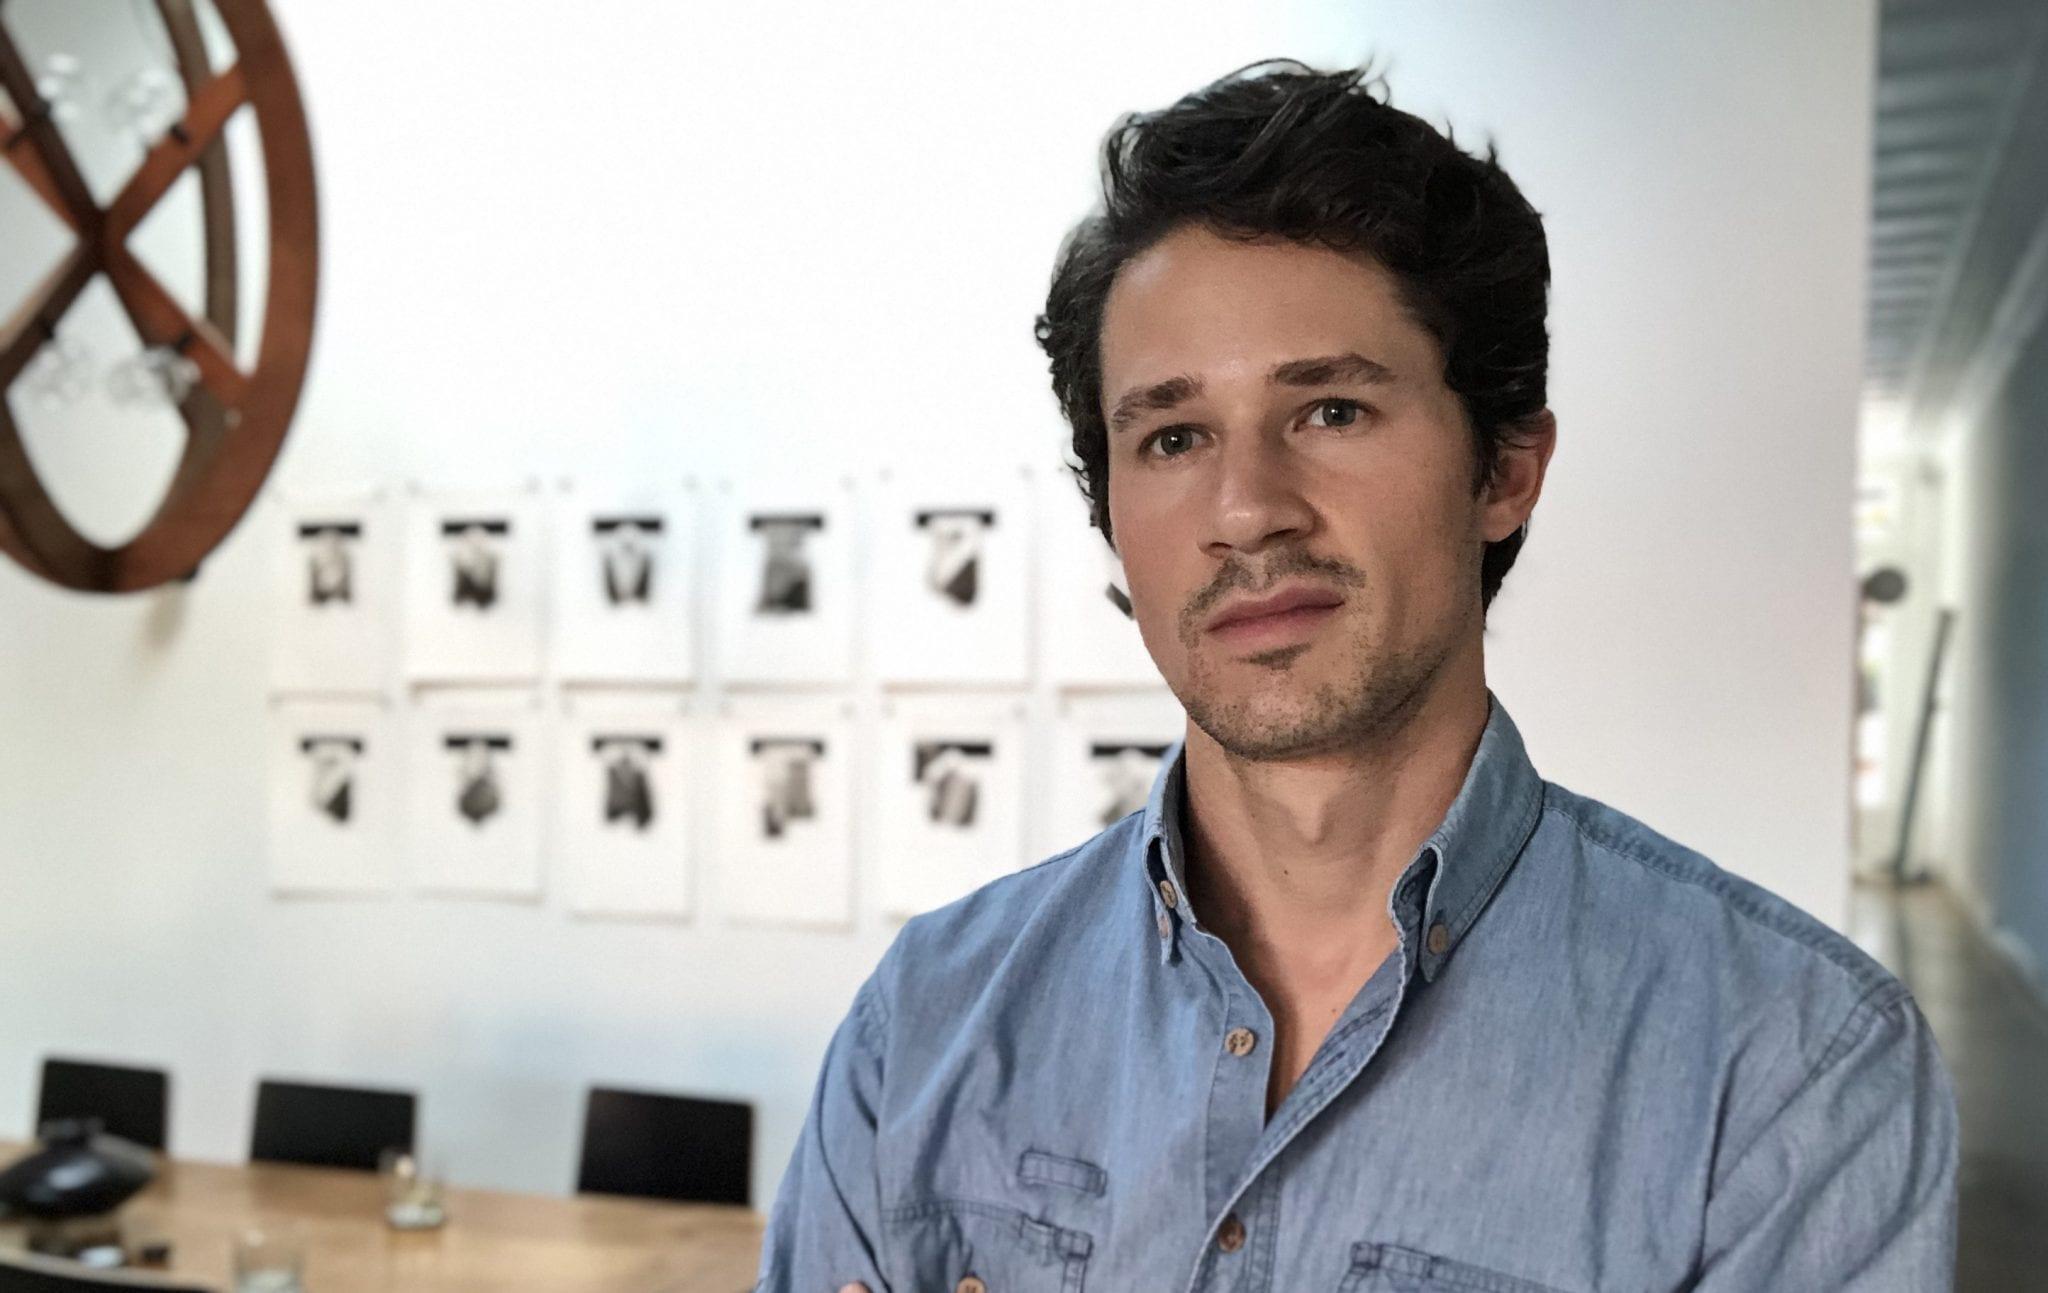 Kyle Hobratschk